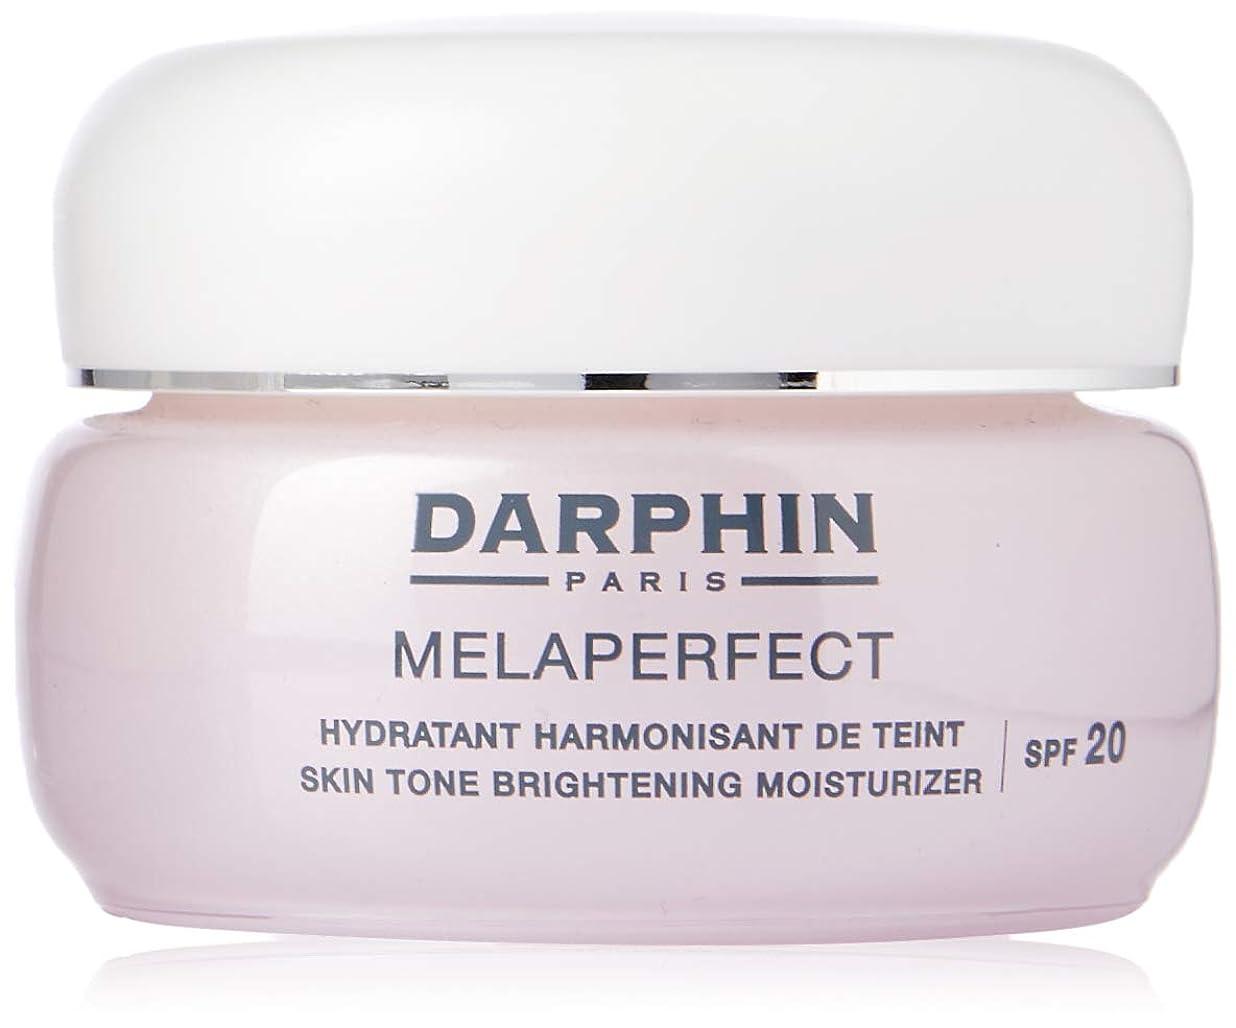 アクセント太い換気するダルファン Melaperfect Hyper Pigmentation Skin Tone Brightening Moisturizer SPF 20 (Normal to Dry Skin) 50ml [海外直送品]